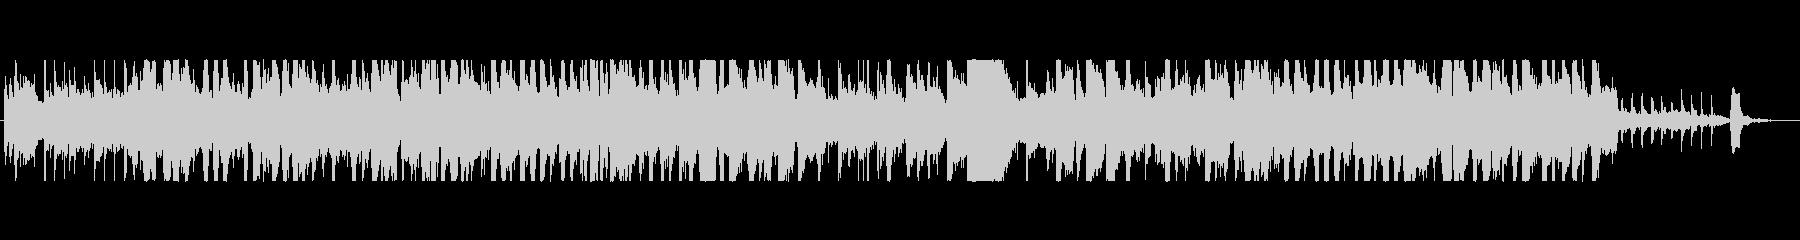 オレンジをテーマにした楽曲の未再生の波形